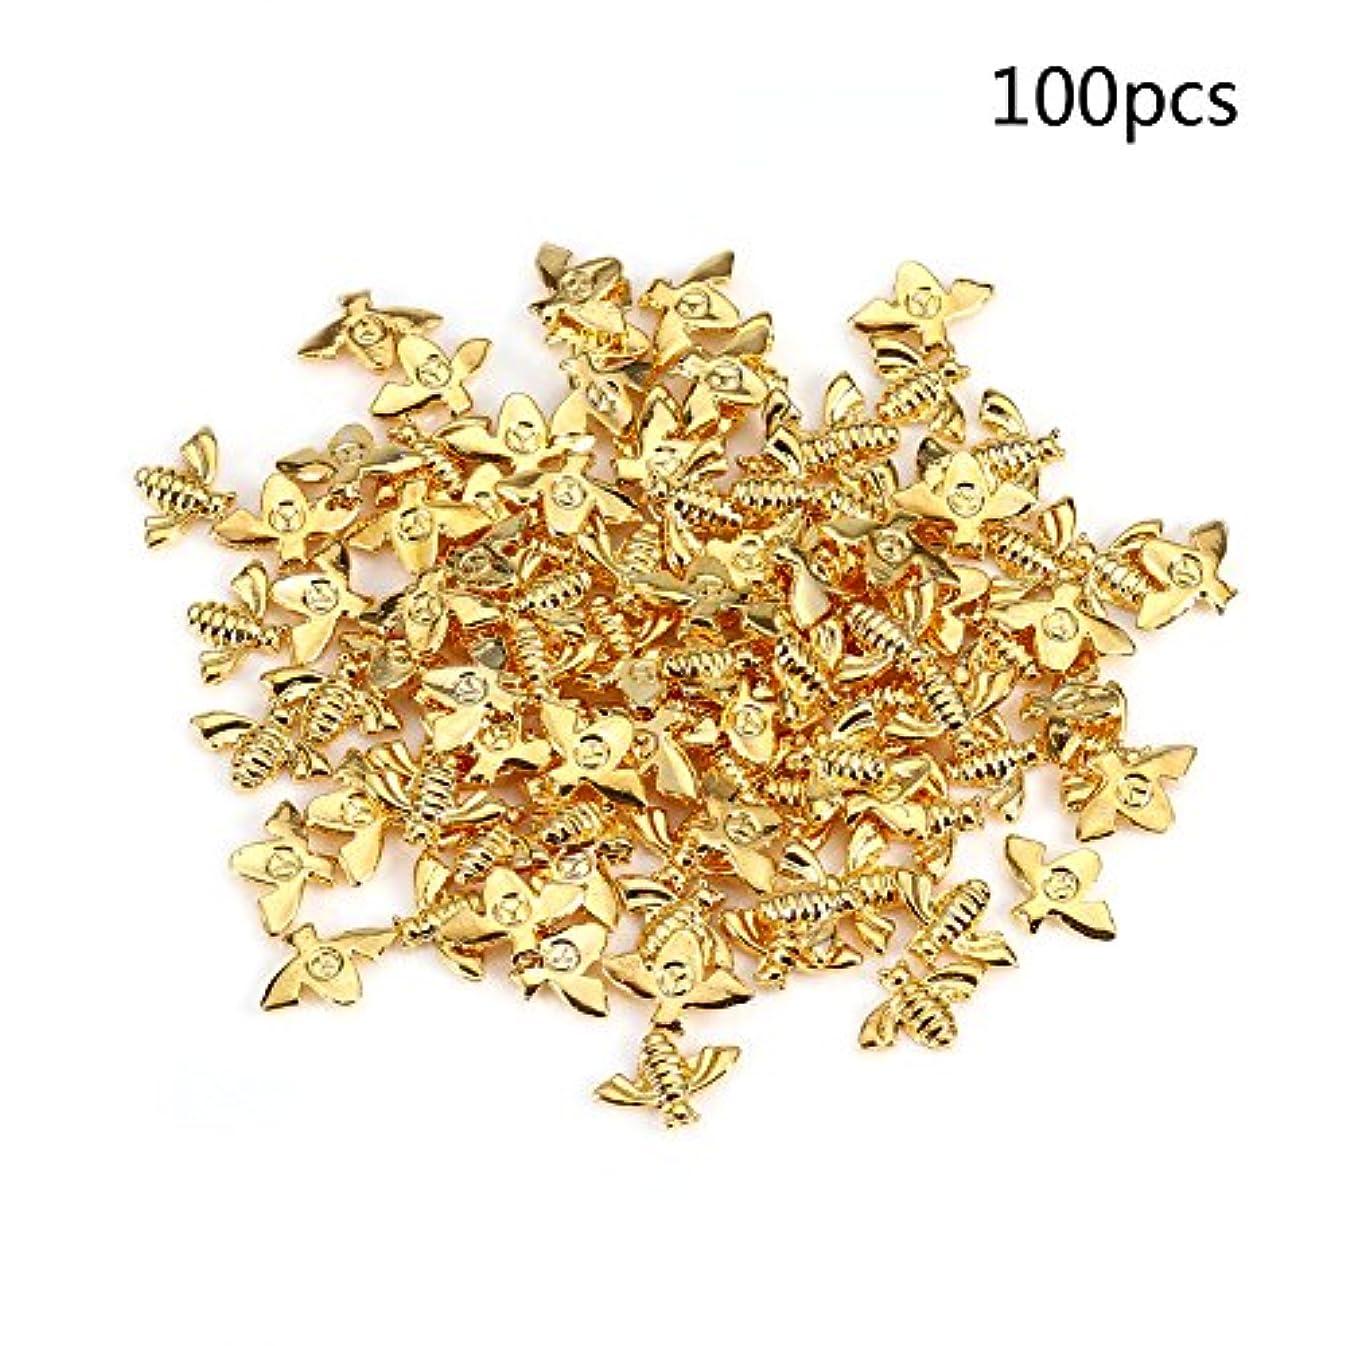 労働者北東大砲100pcs / Bag Metal Bees 3Dネイルデコレーションデカール(ゴールド)